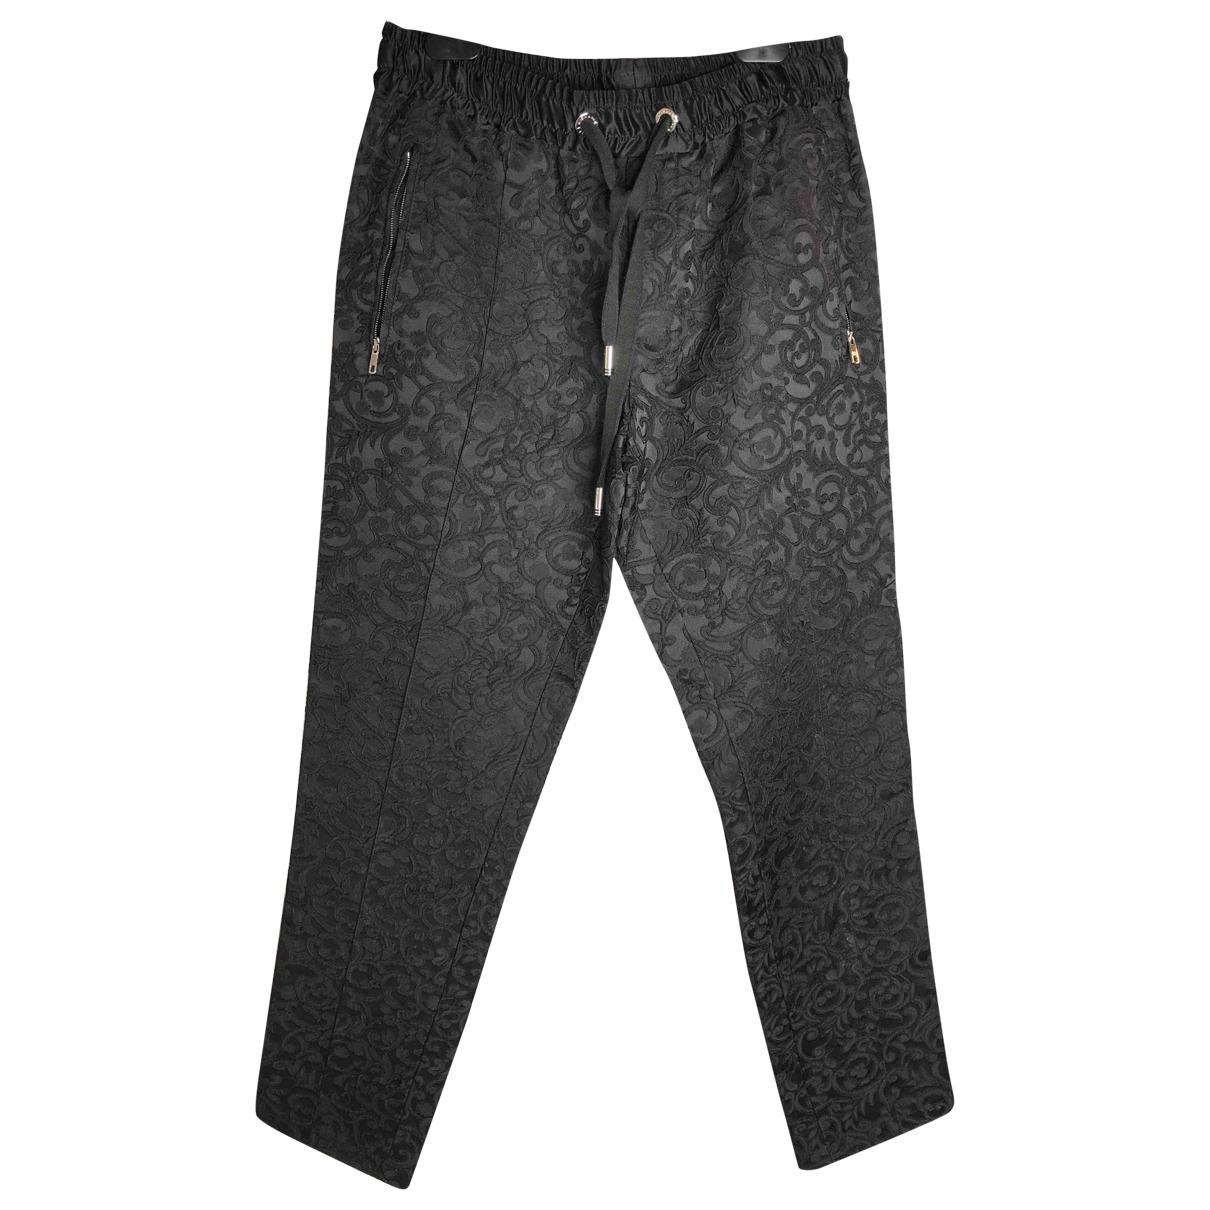 Dolce & Gabbana - Pantalon   pour homme en soie - noir